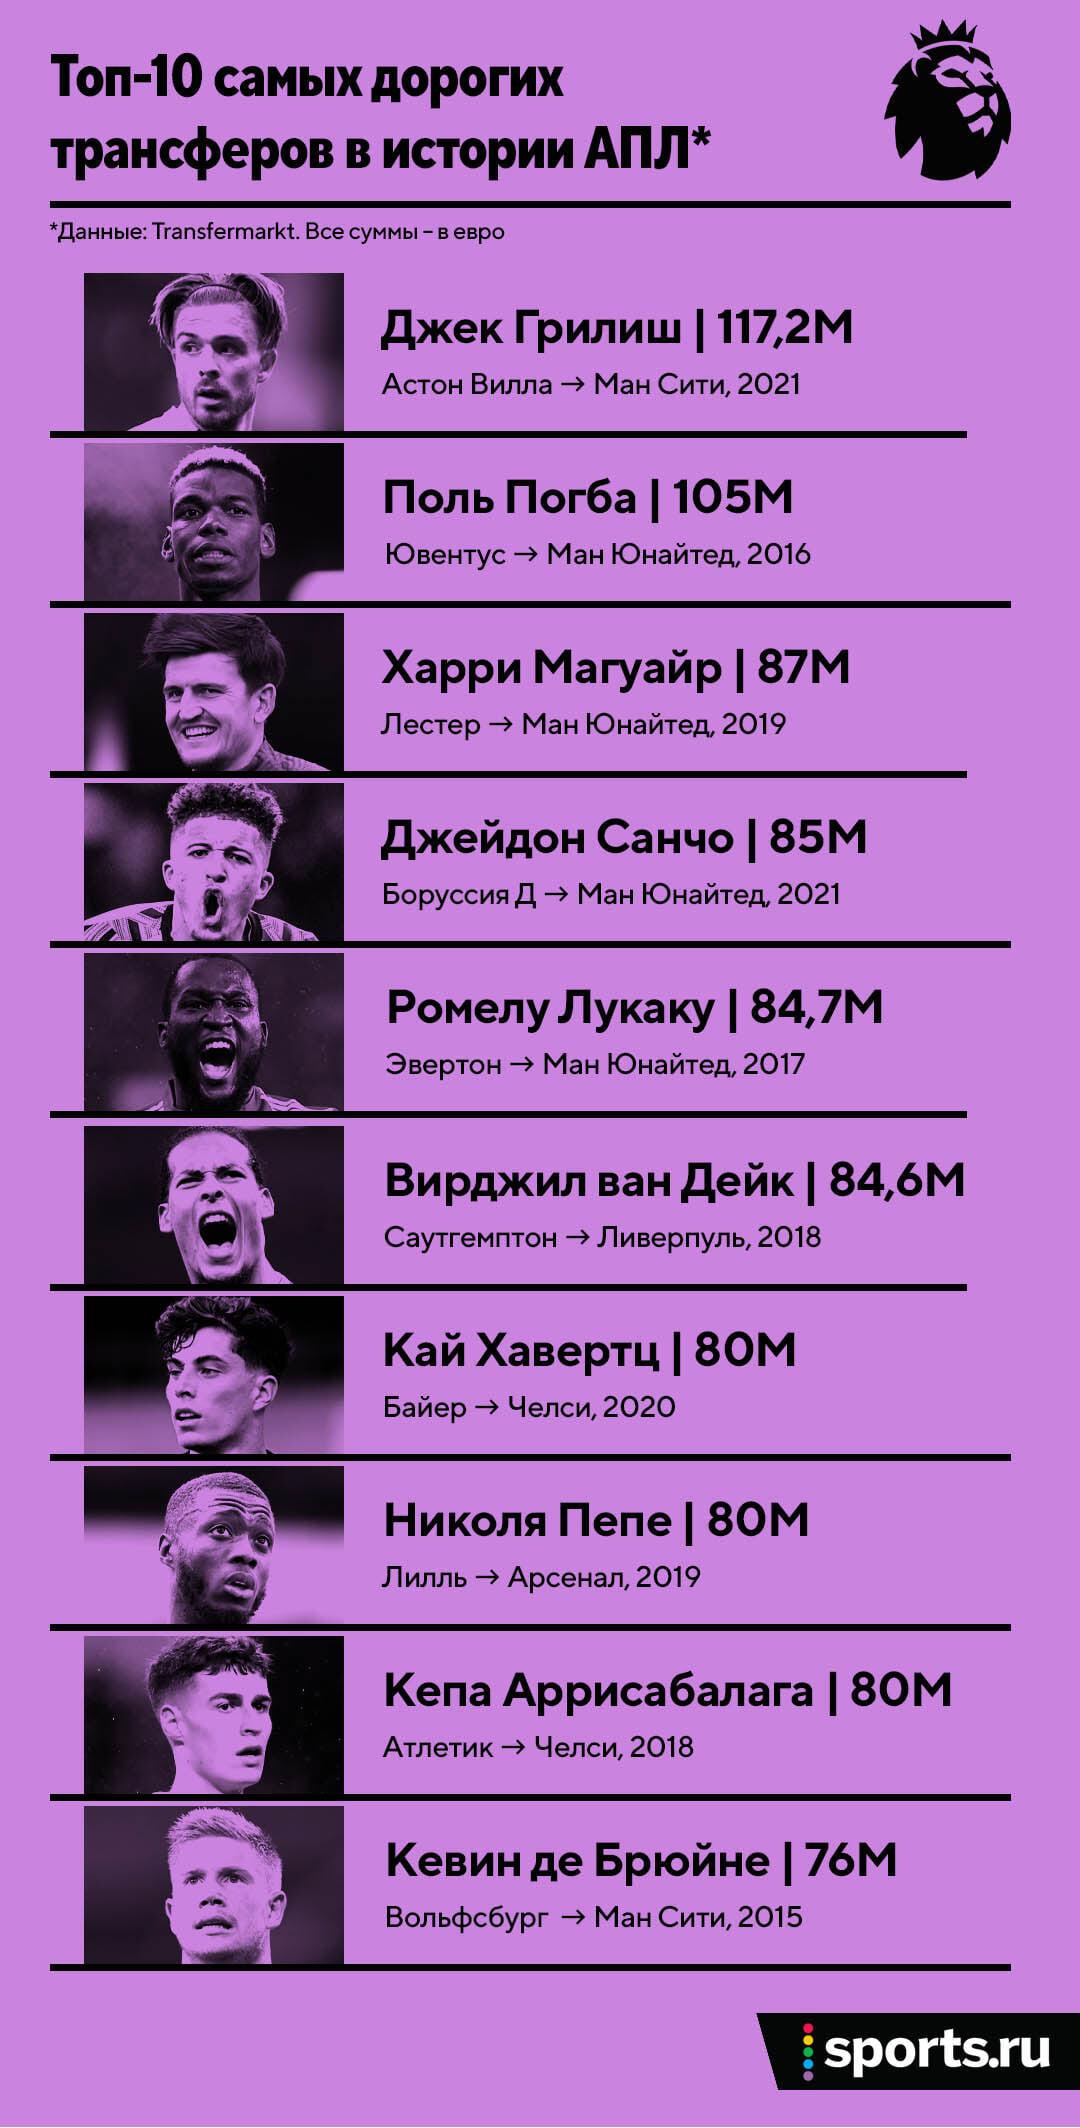 Грилиш в «Сити» за 100 млн – самый дорогой трансфер в истории АПЛ. С Пепом клуб потратил миллиард евро